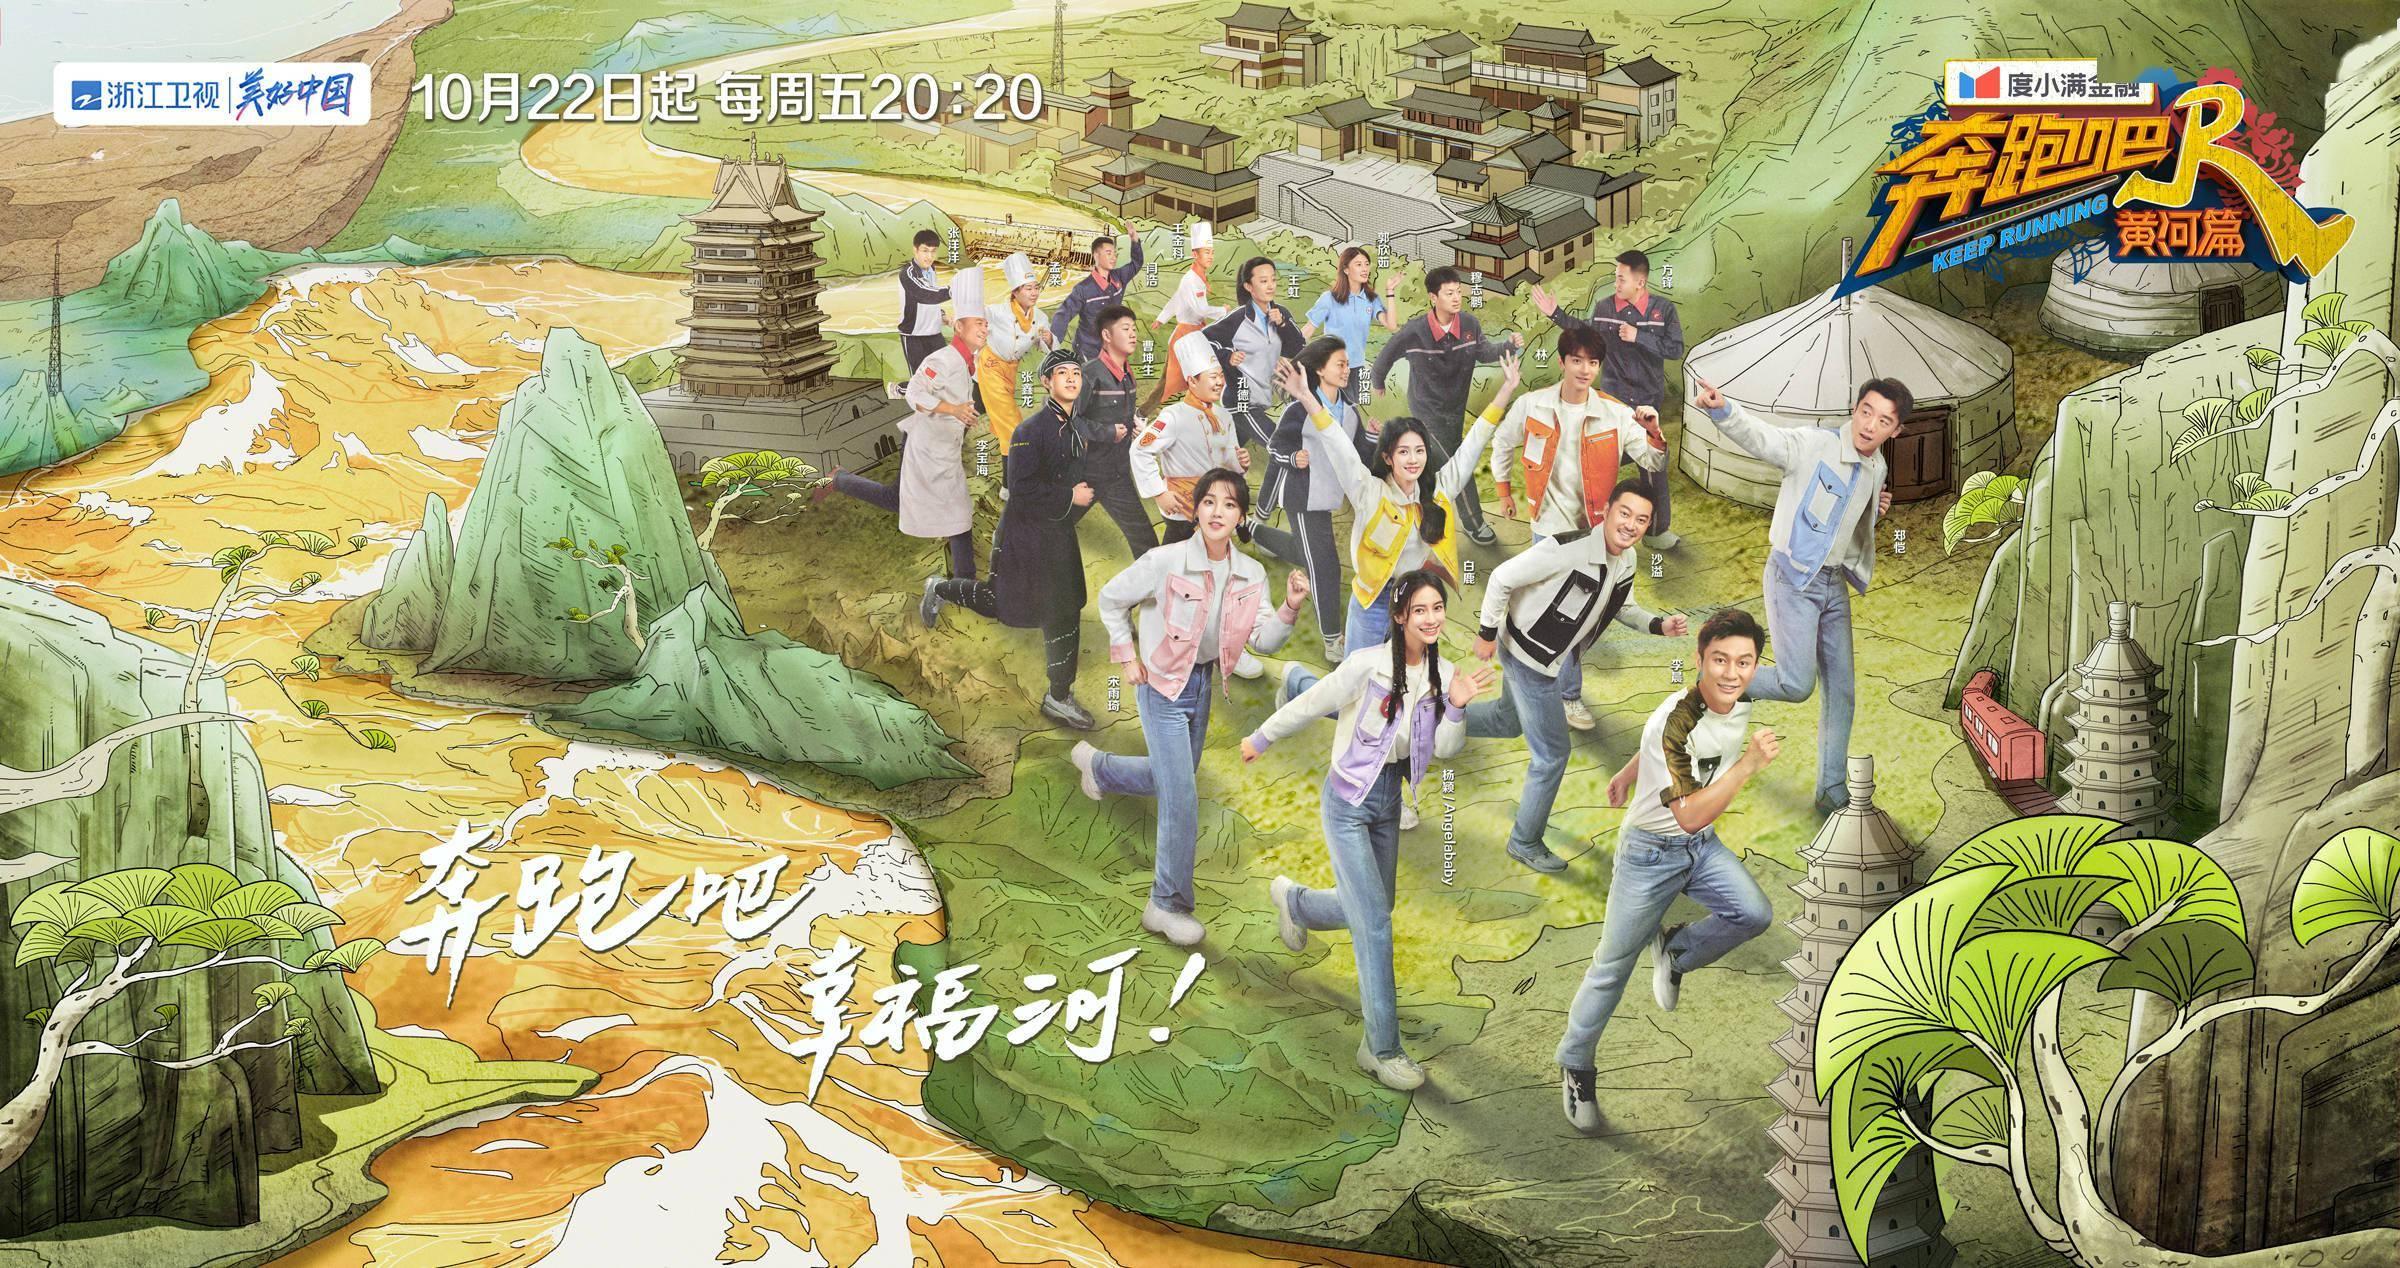 《奔跑吧·黄河篇》10月22日回归,白鹿、林一加盟